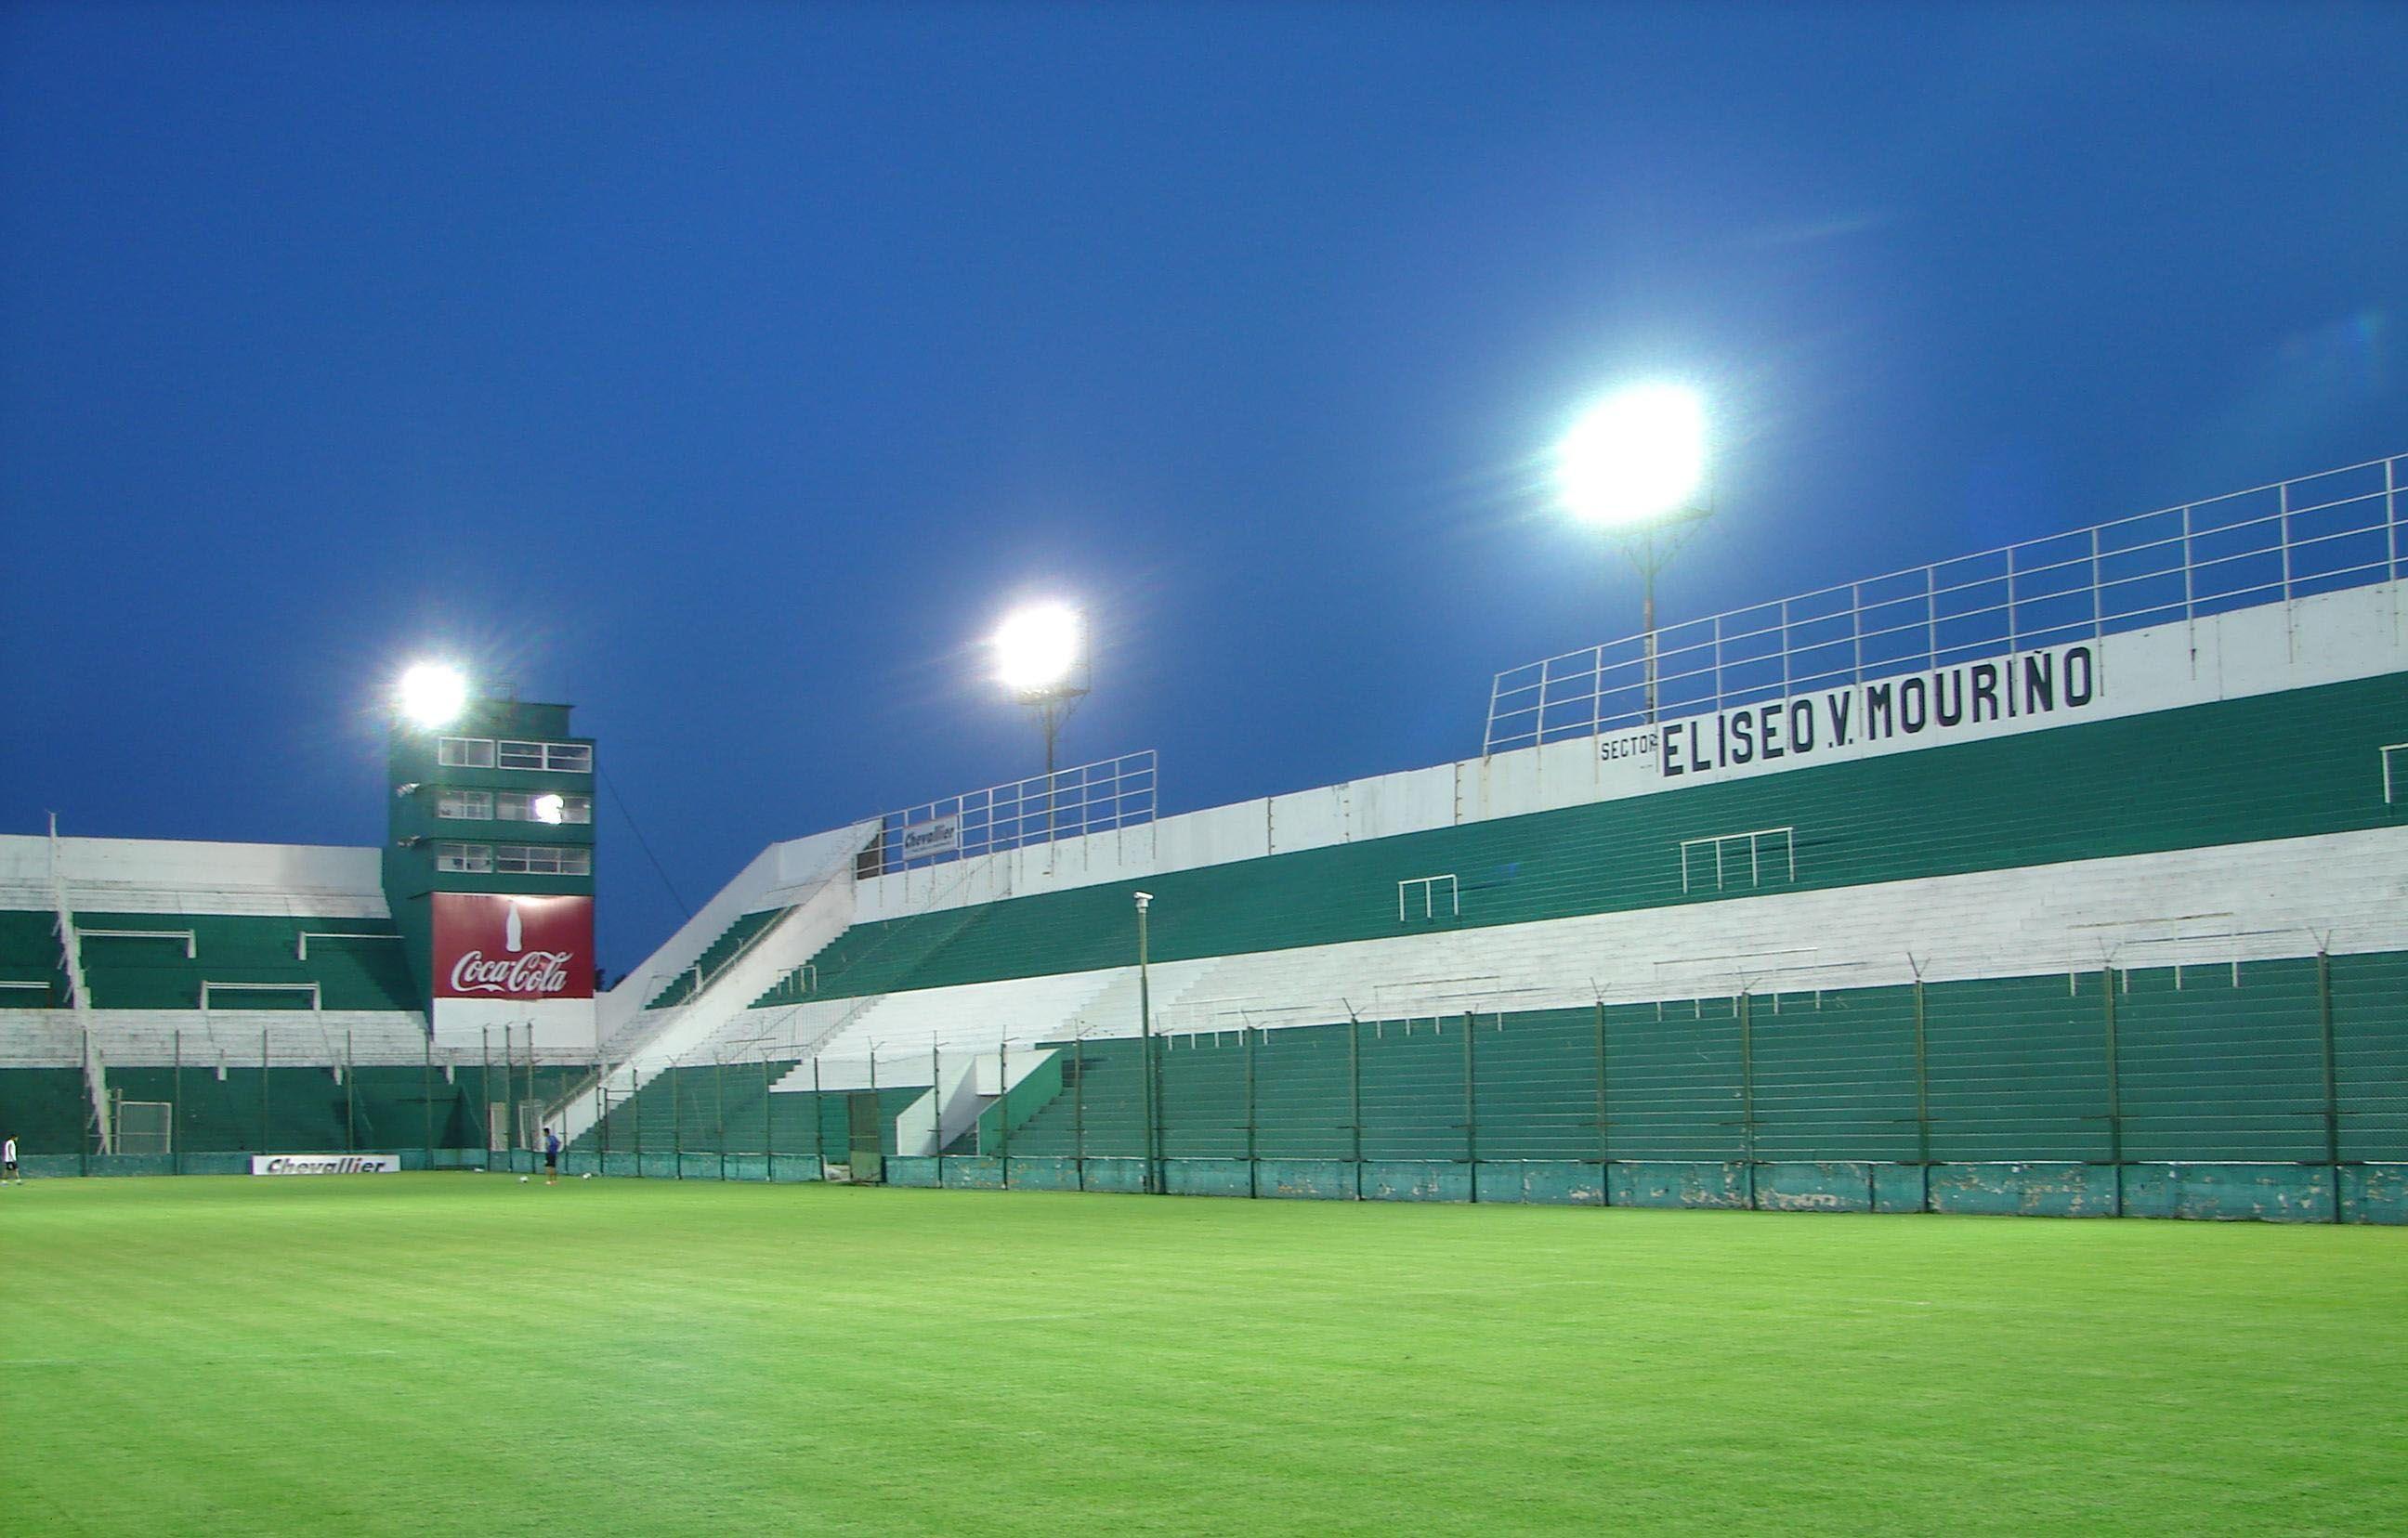 El estadio. Rojinegros y funebreros se medirán el martes 19 en la cancha de Banfield por la Copa Argentina. Falta que la AFA ratifique esta determinación.